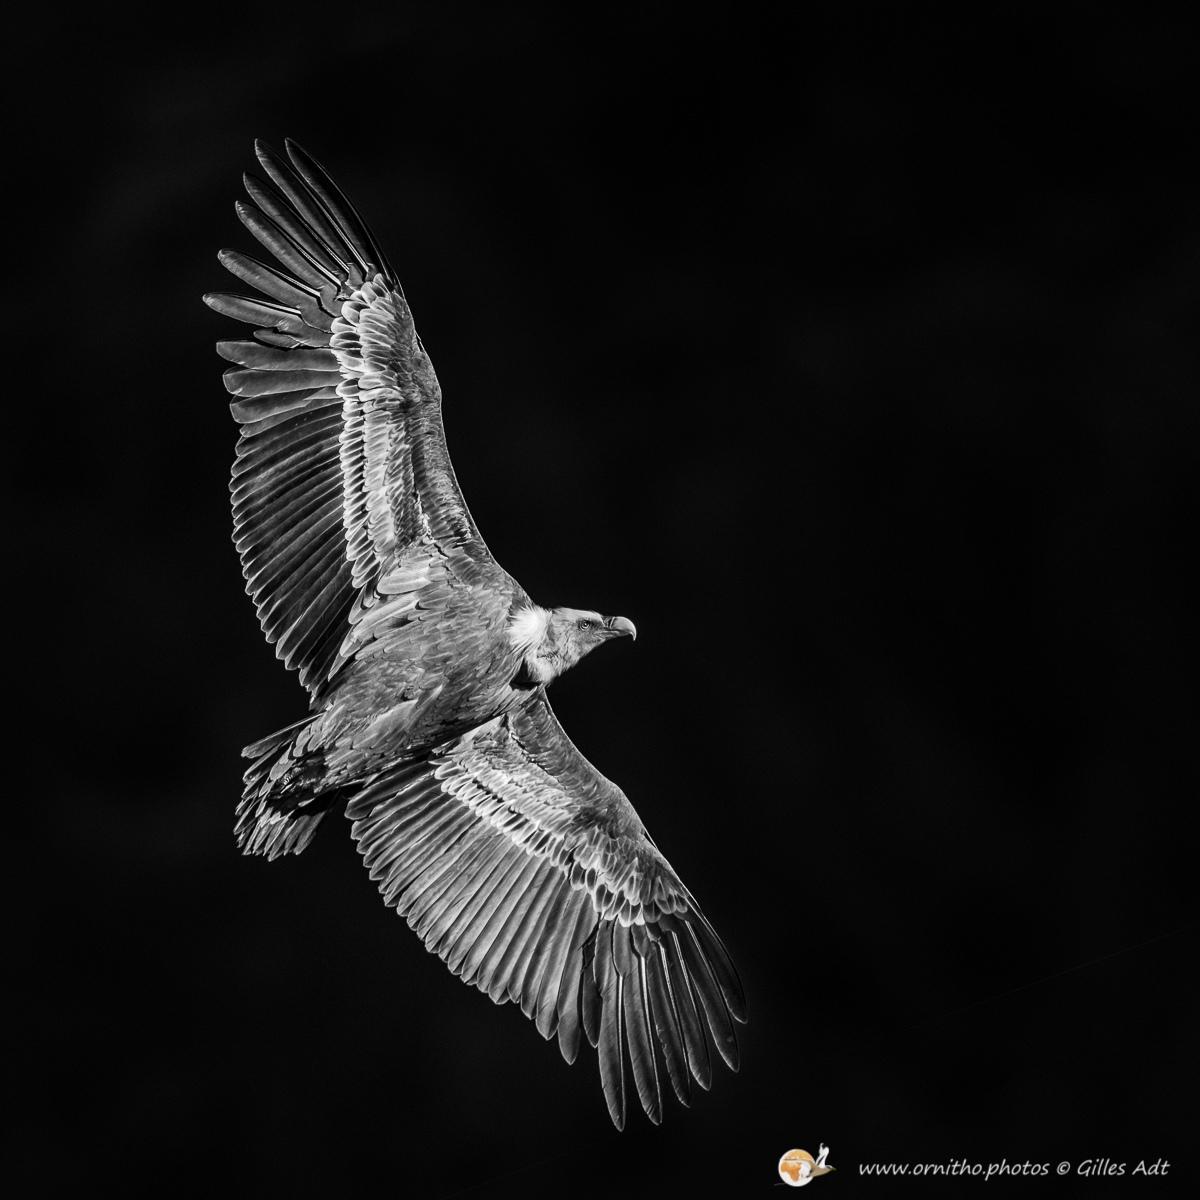 vautour fauve en N&B - © Gilles Adt